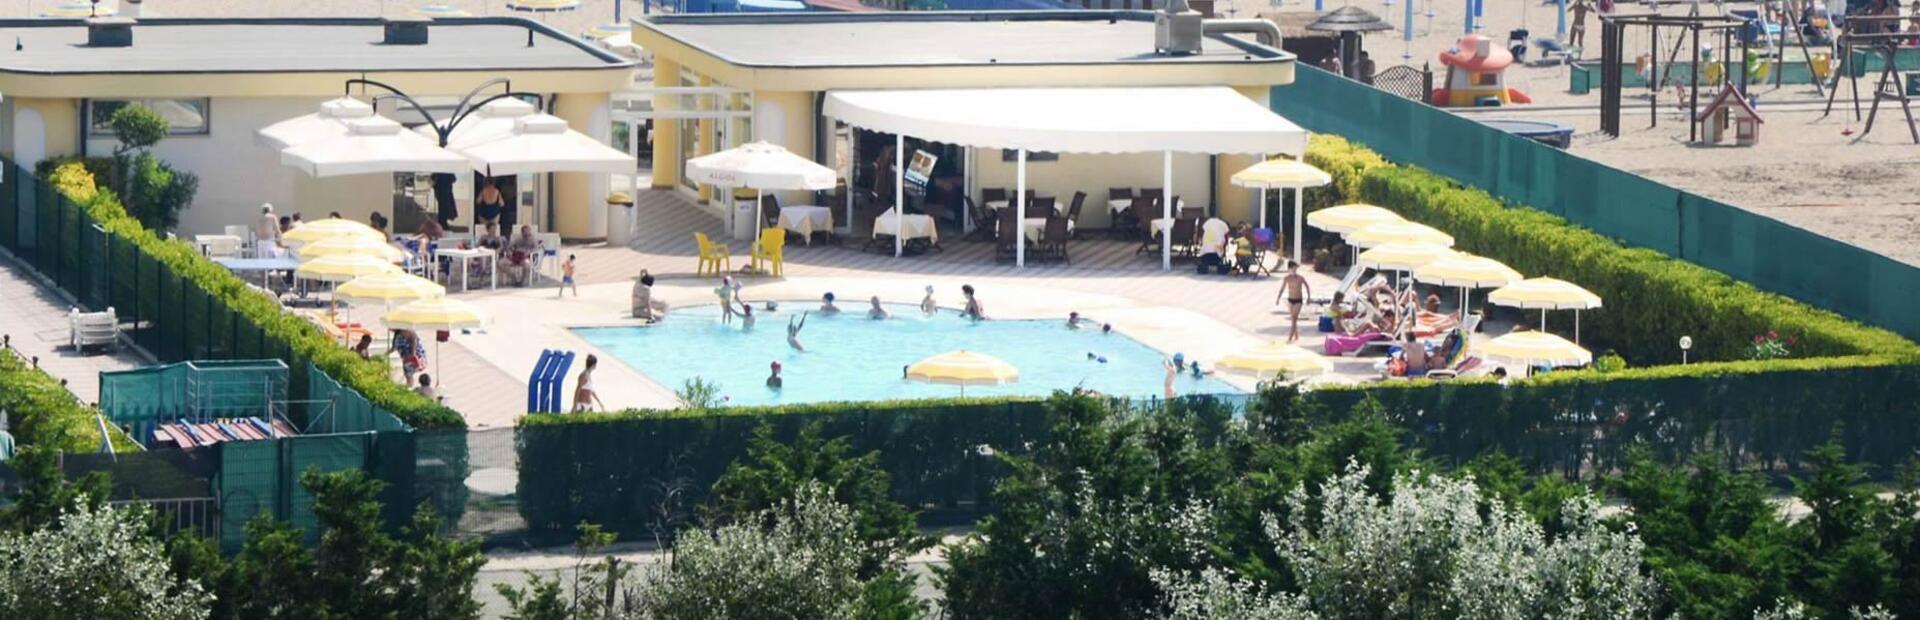 hotel-sole it piscina-spiaggia 001